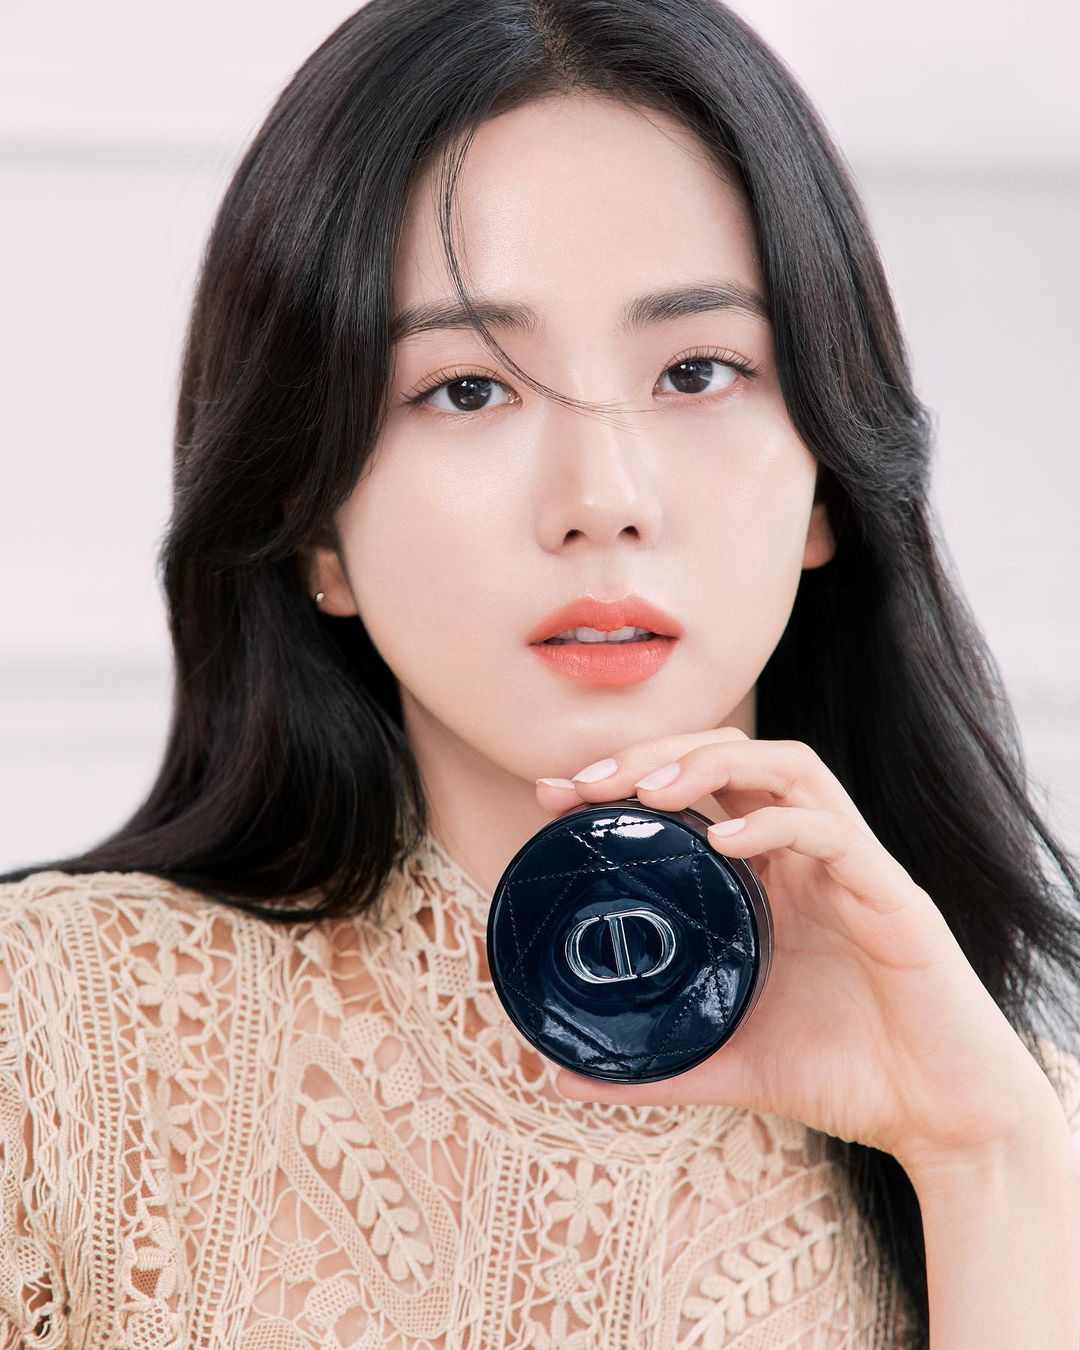 """Jisoo già nua Nhược điểm nhan sắc """"trí mạng"""" của Jisoo, makeup sơ sẩy là già ngay chục tuổi, lộ visual lão hóa không phanh - Ảnh 1."""